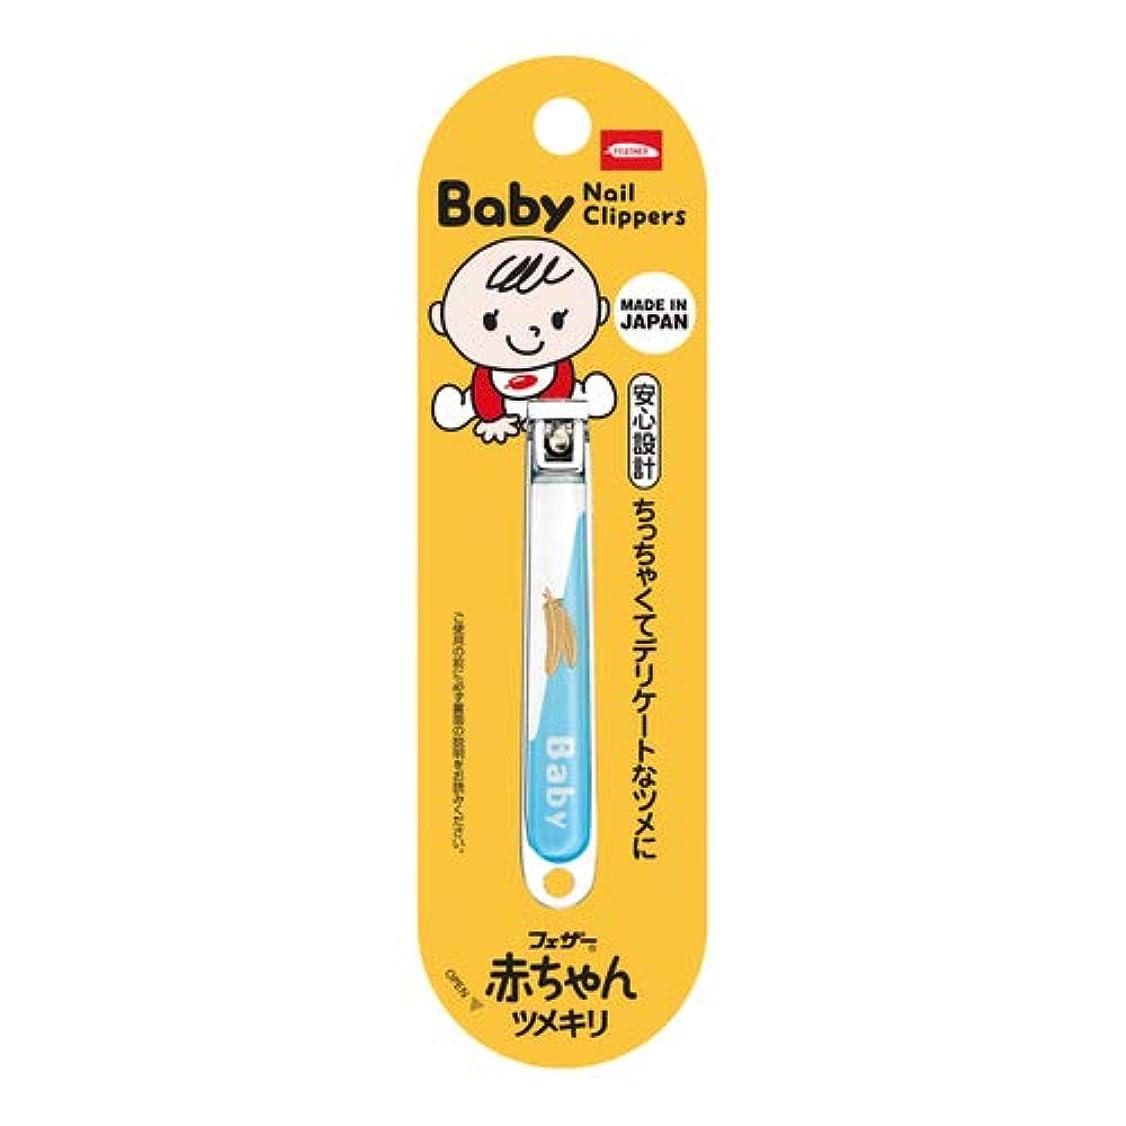 報酬のどこにも特徴づけるフェザー安全剃刀 フェザー赤ちゃんツメキリ 1個 爪切り